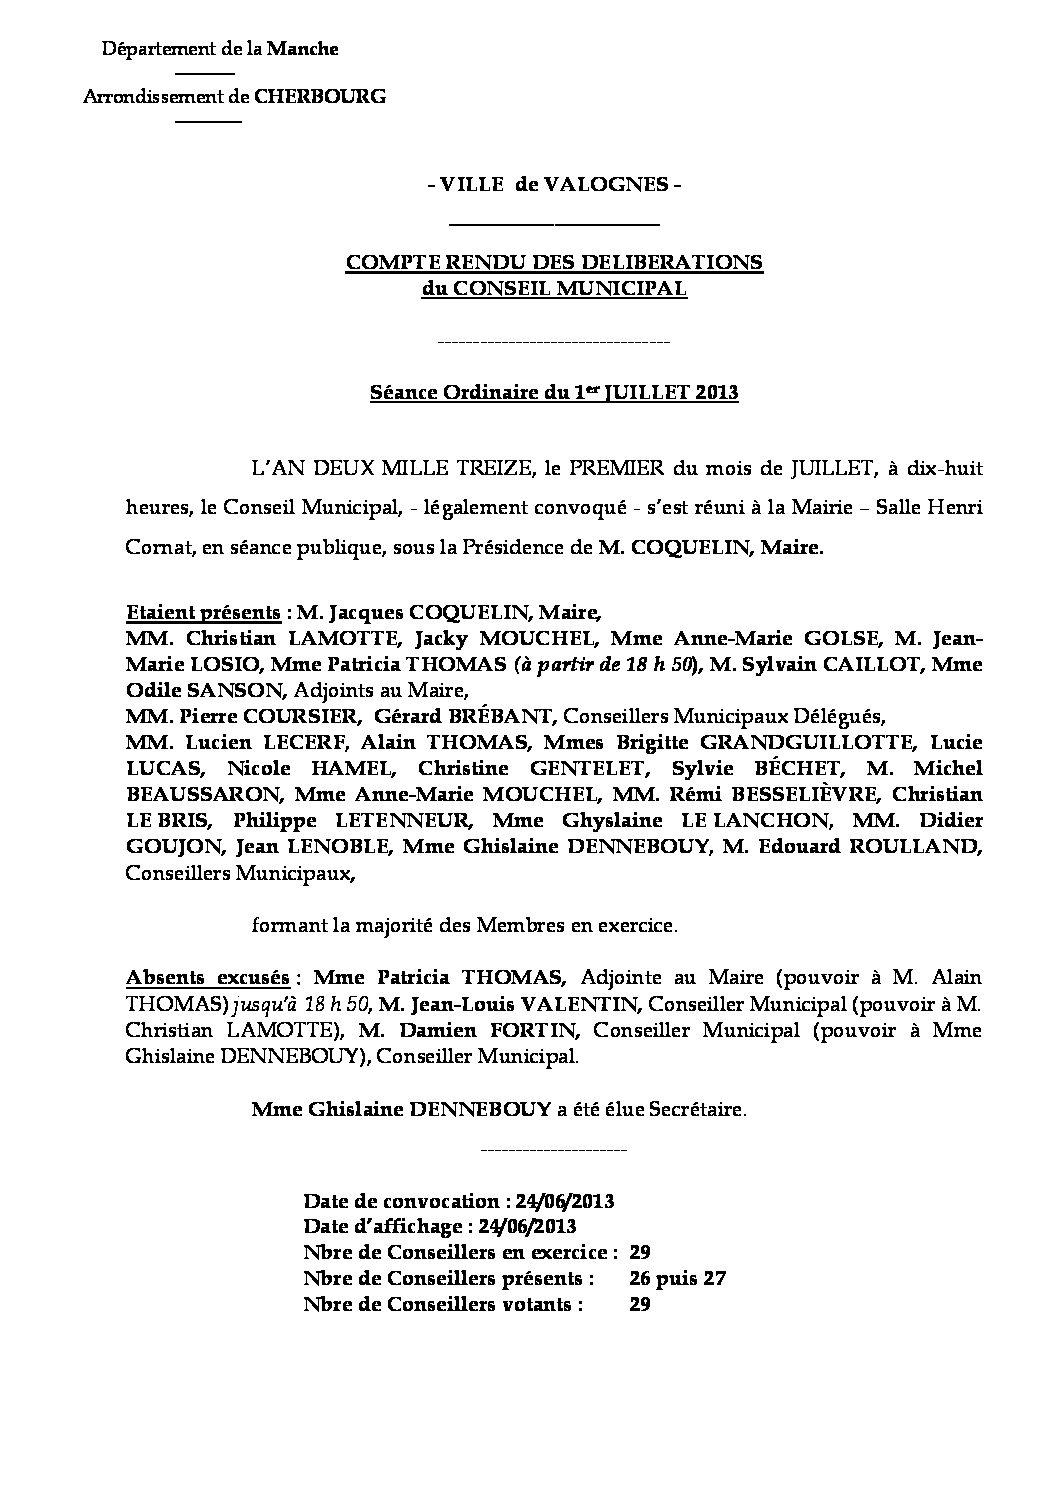 Extrait du registre des délibérations du 01-07-2013 - Compte rendu des questions soumises à délibération lors de la séance du Conseil Municipal du 1er juillet 2013.